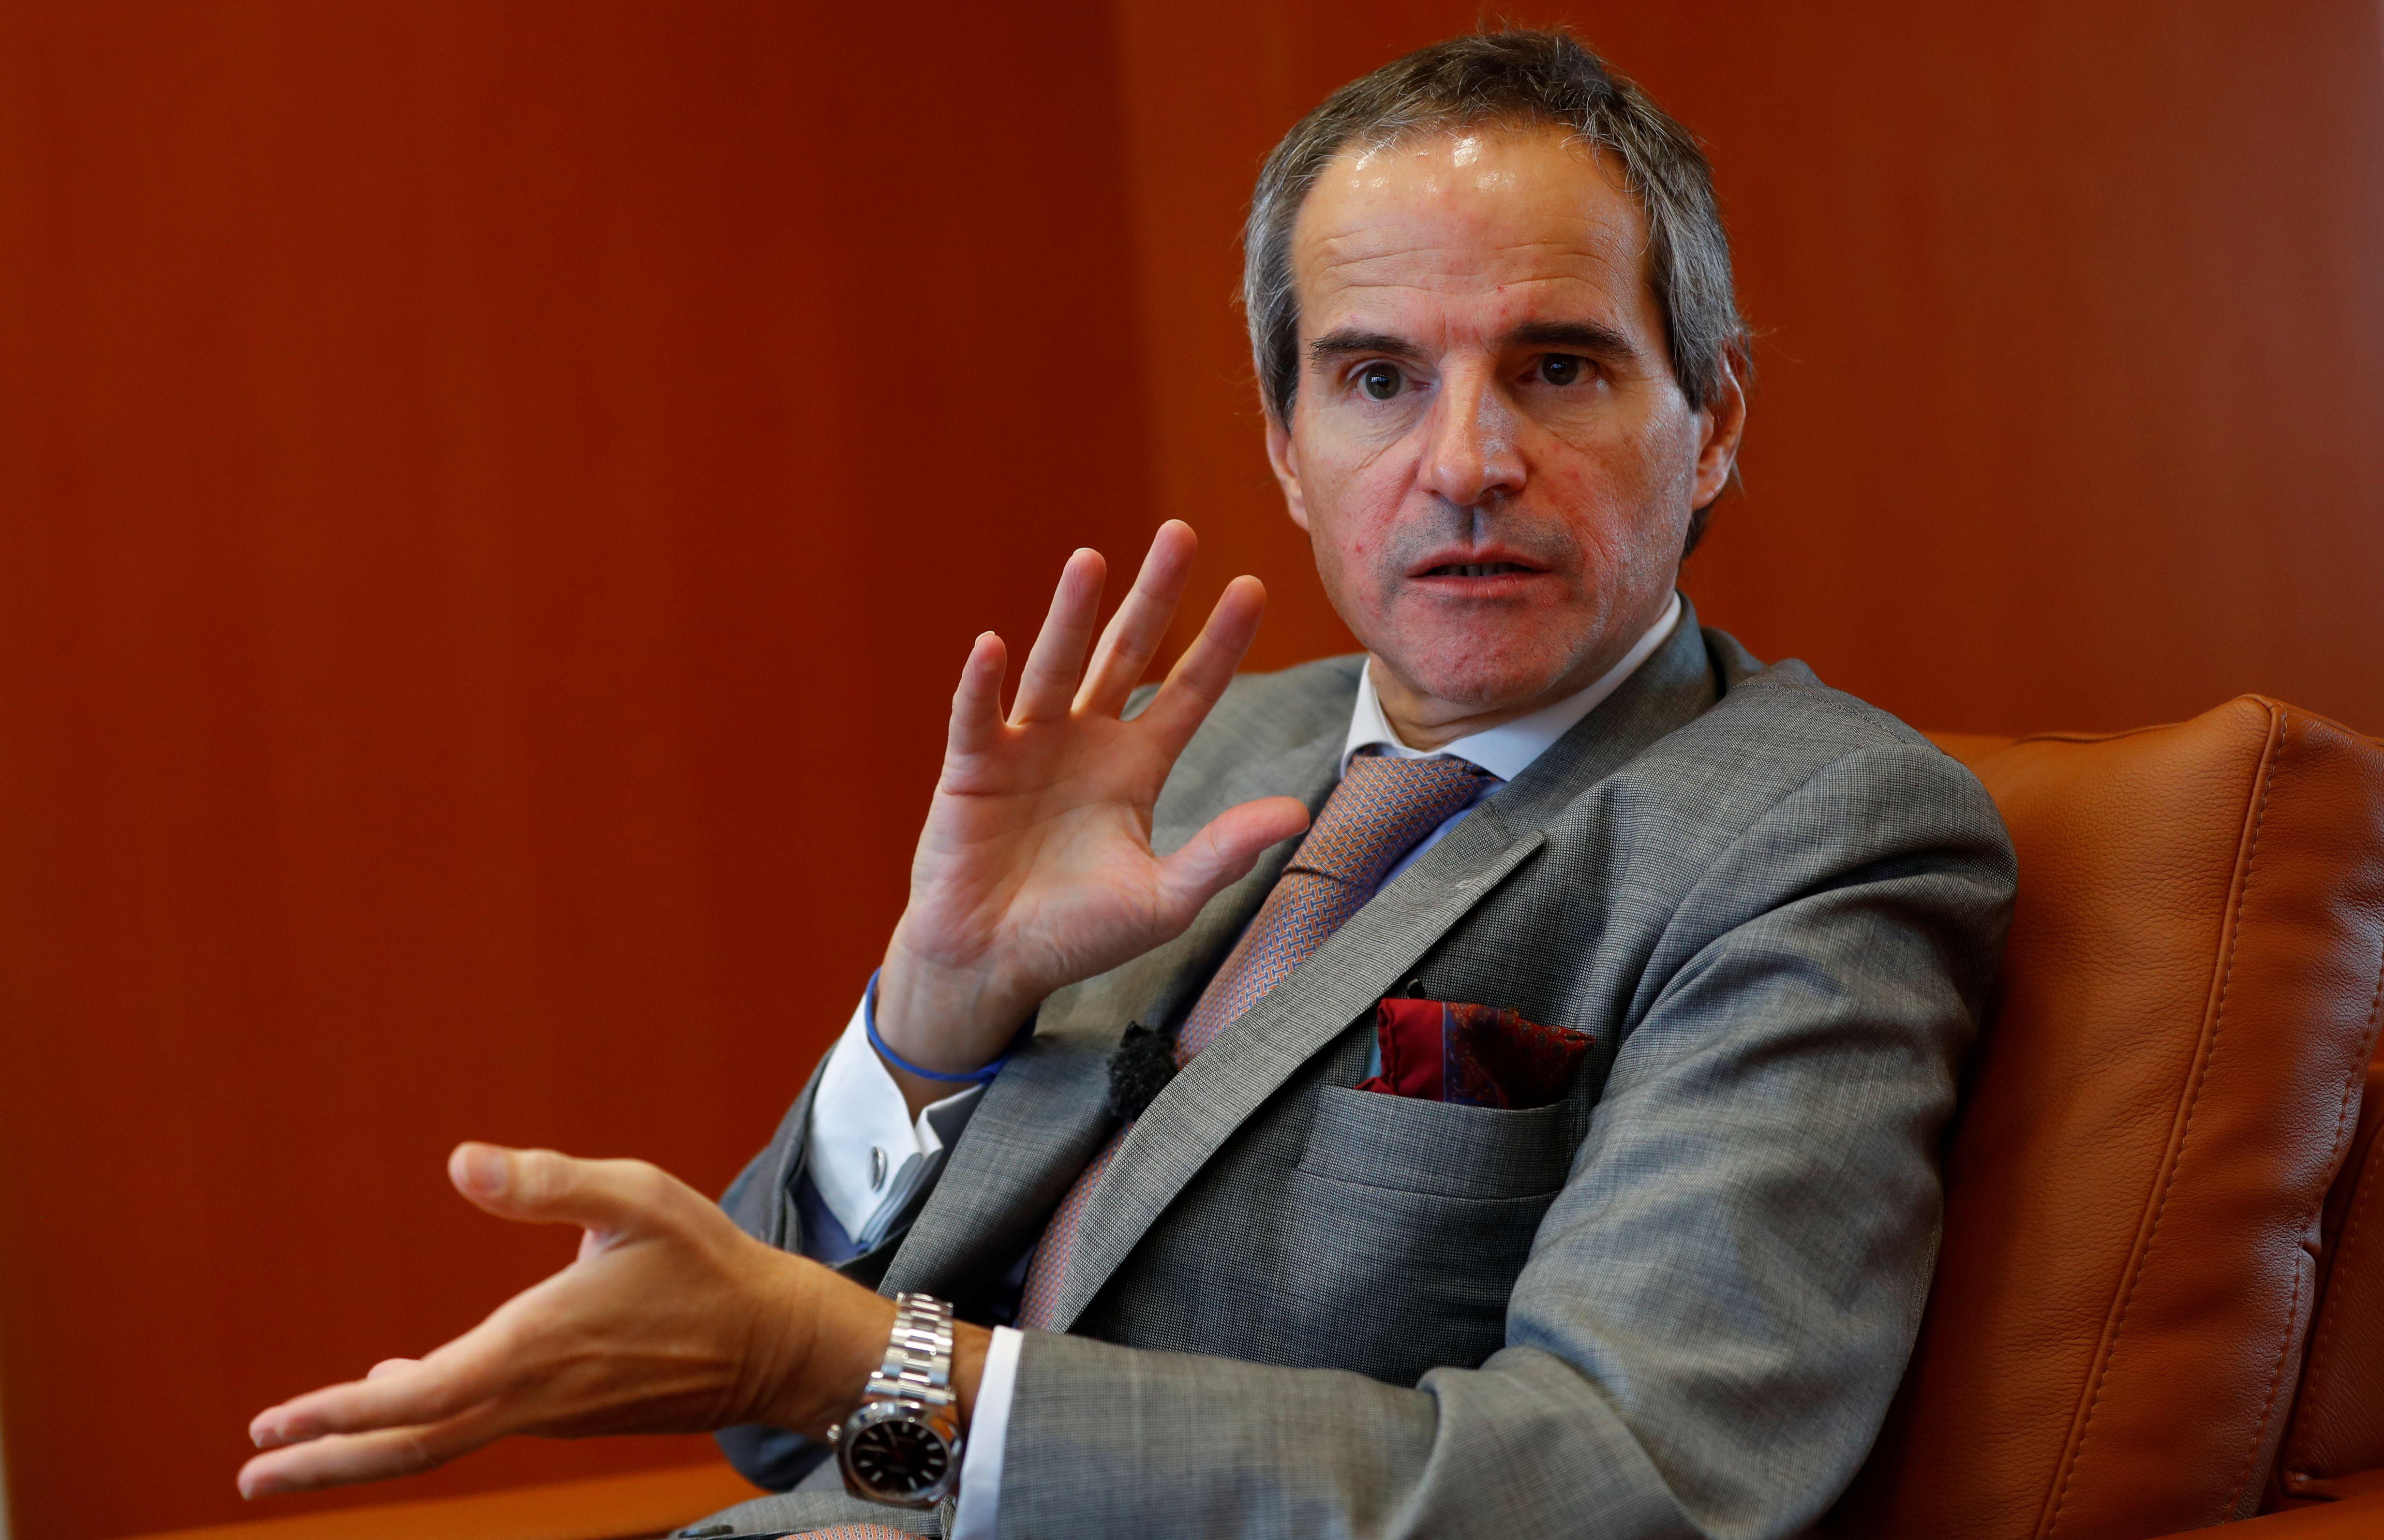 El diplomático argentino y experto en cuestiones nucleares Rafael, Grossi poco después de asumir la secretaría general del OIEA (REUTERS/Leonhard Foeger)